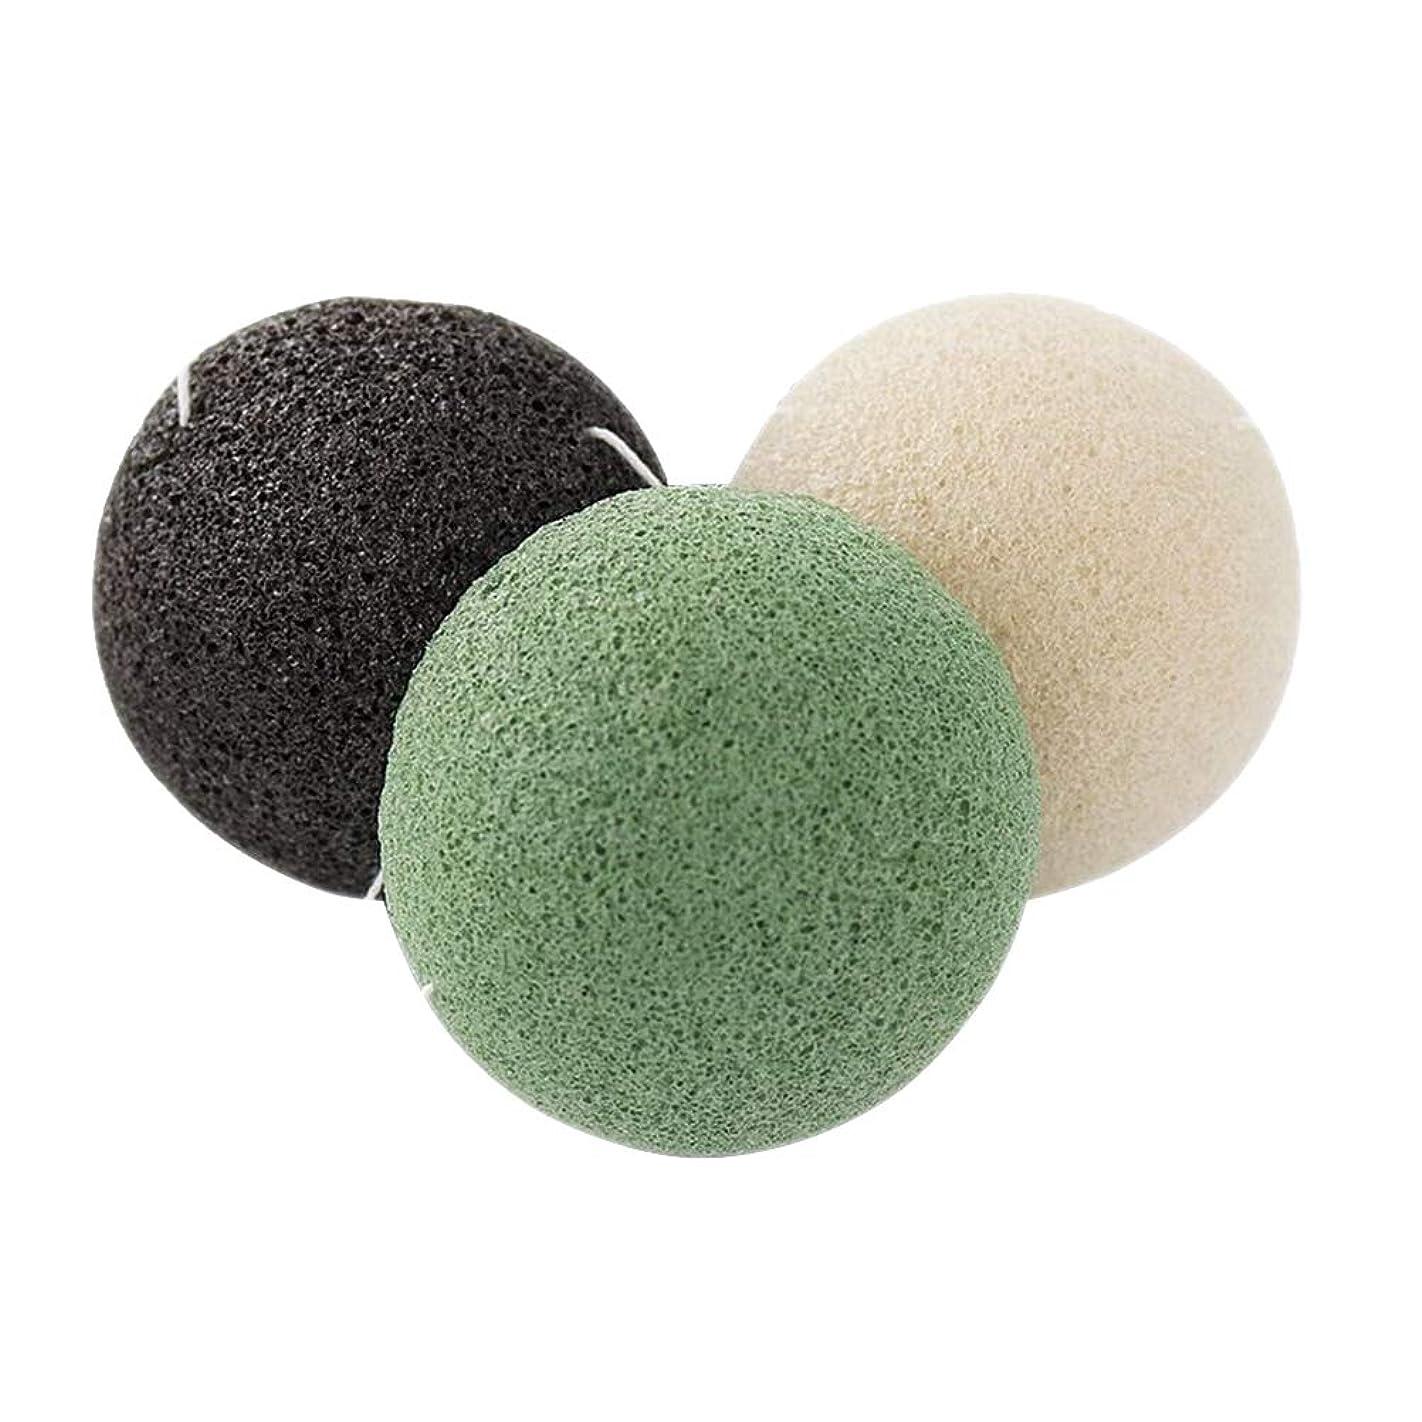 OUNONA 3個 こんにゃくスポンジ 蒟蒻洗顔マッサージパフ クリーニング 天然こんにゃくパフ(緑)